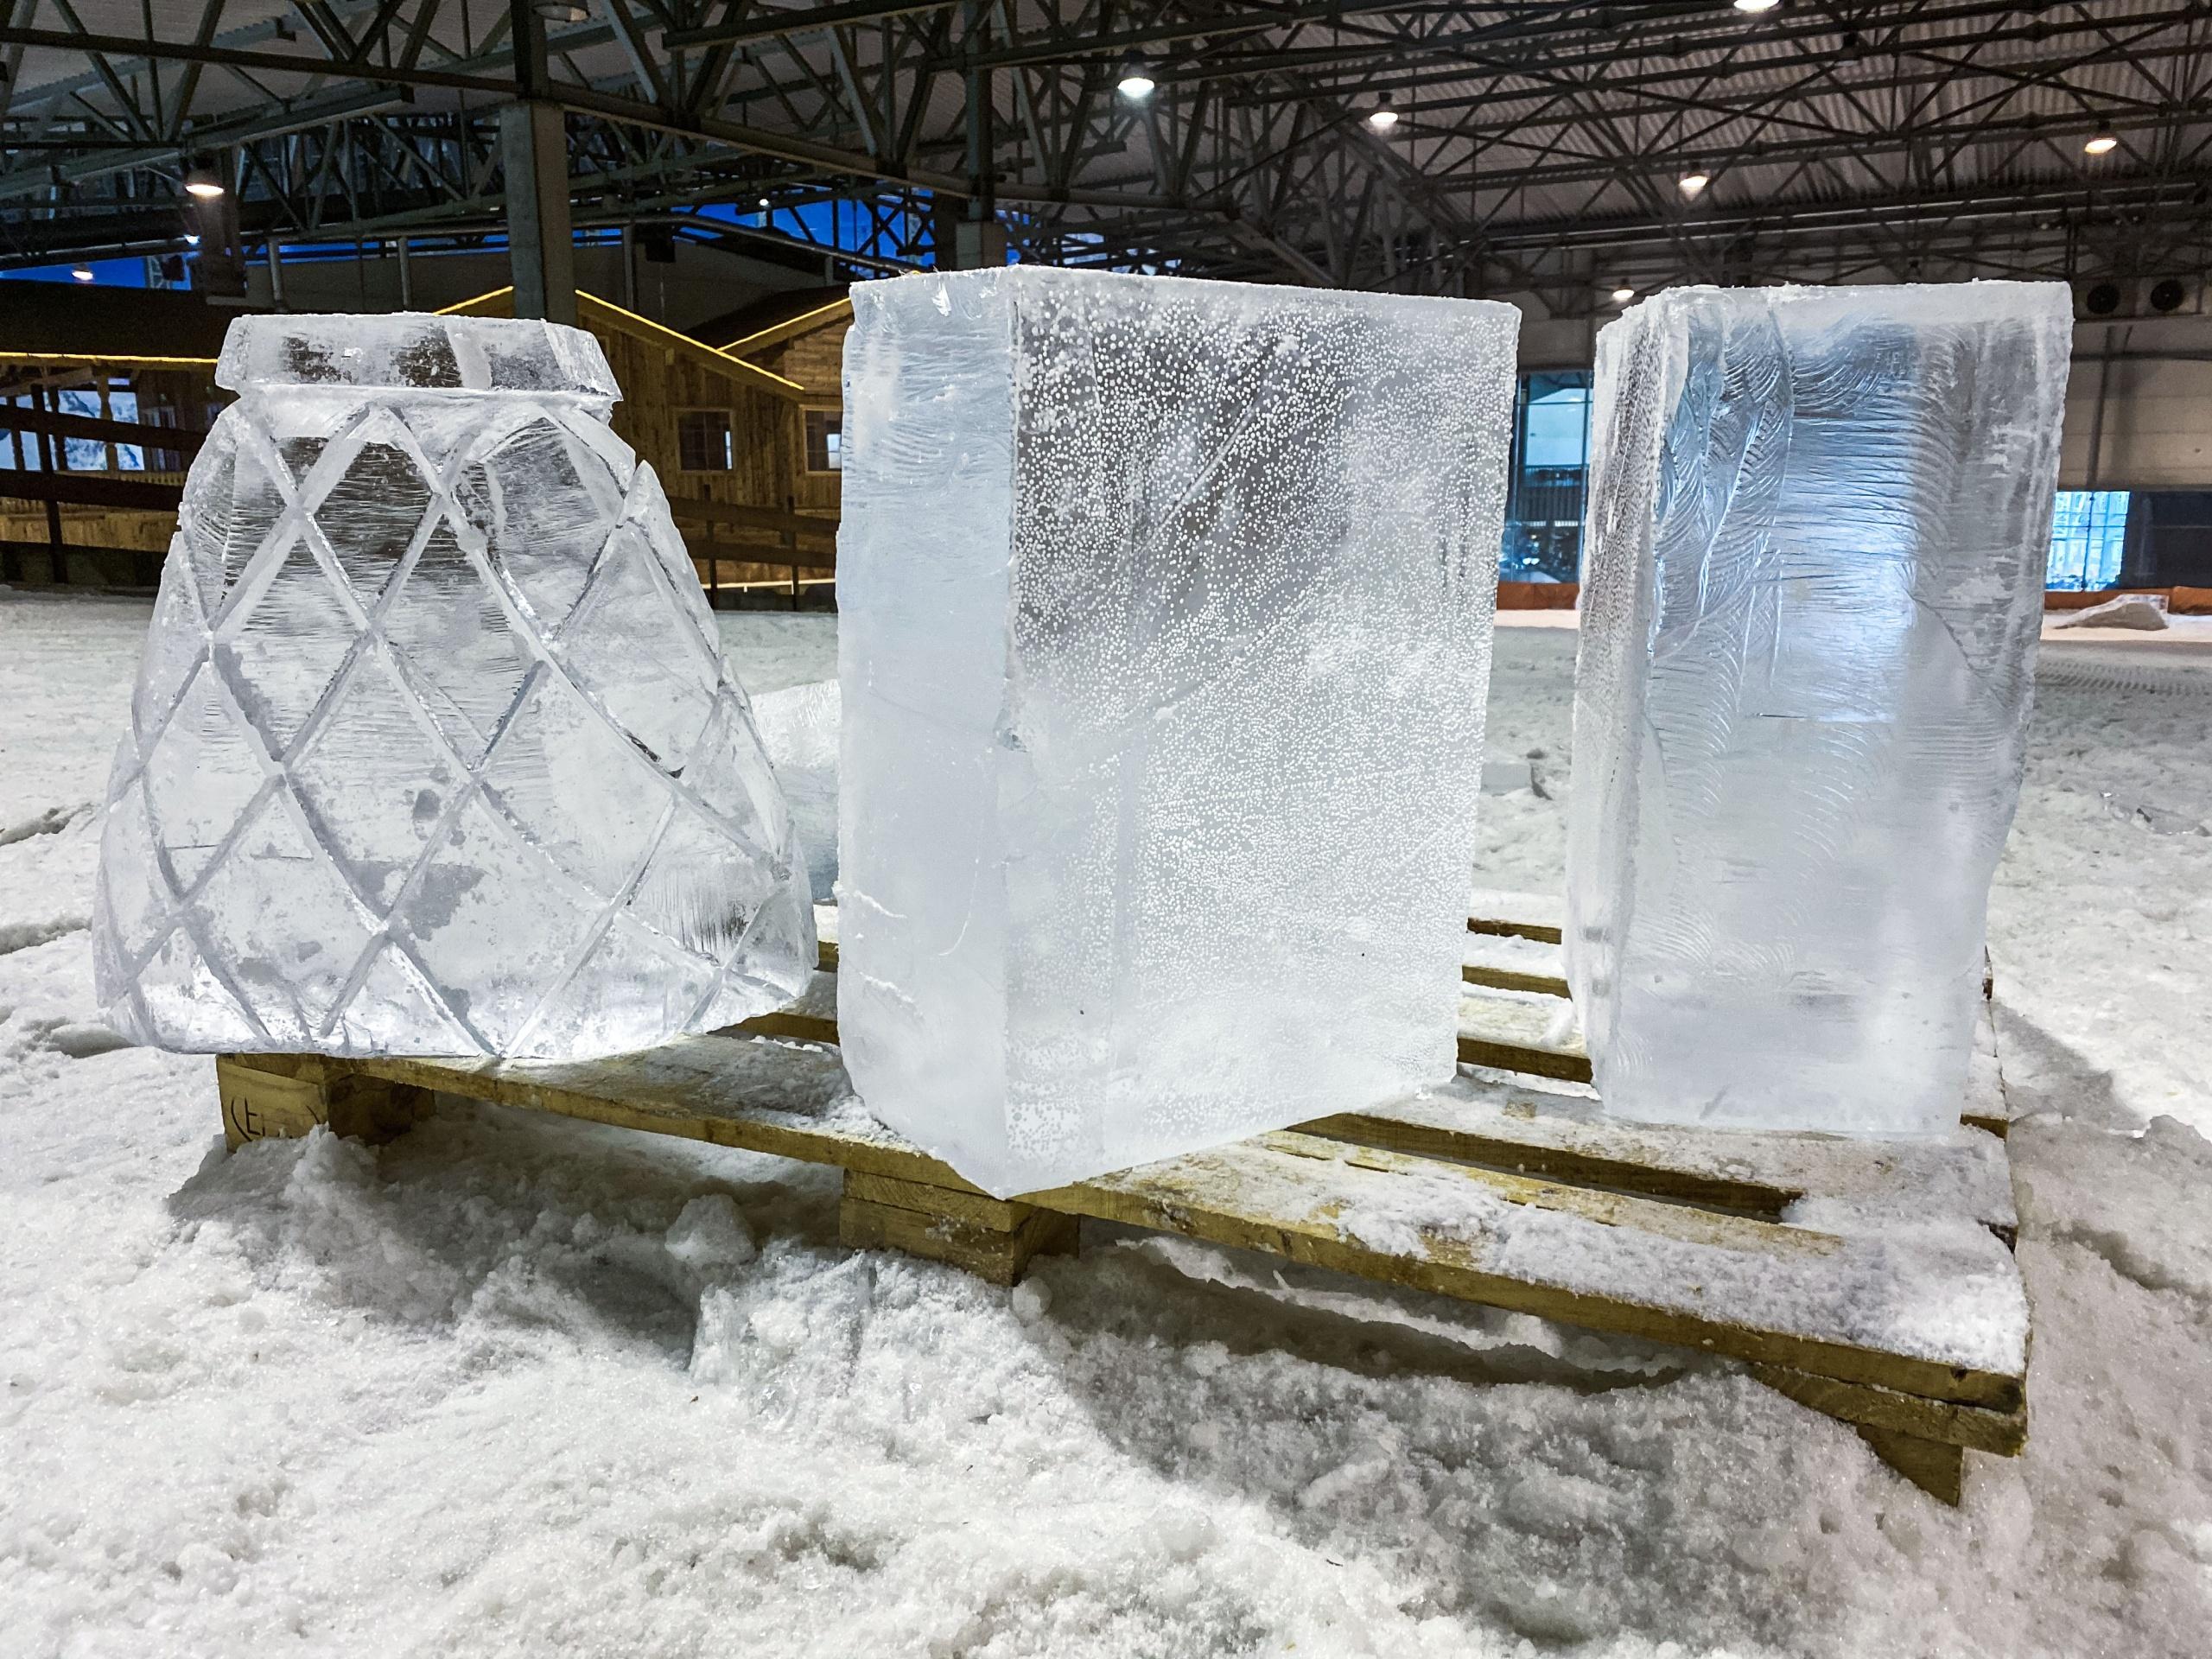 """Duris lankytojams atvėrė renovuota """"Snow arena"""": siūlo gausybę naujovių 7"""